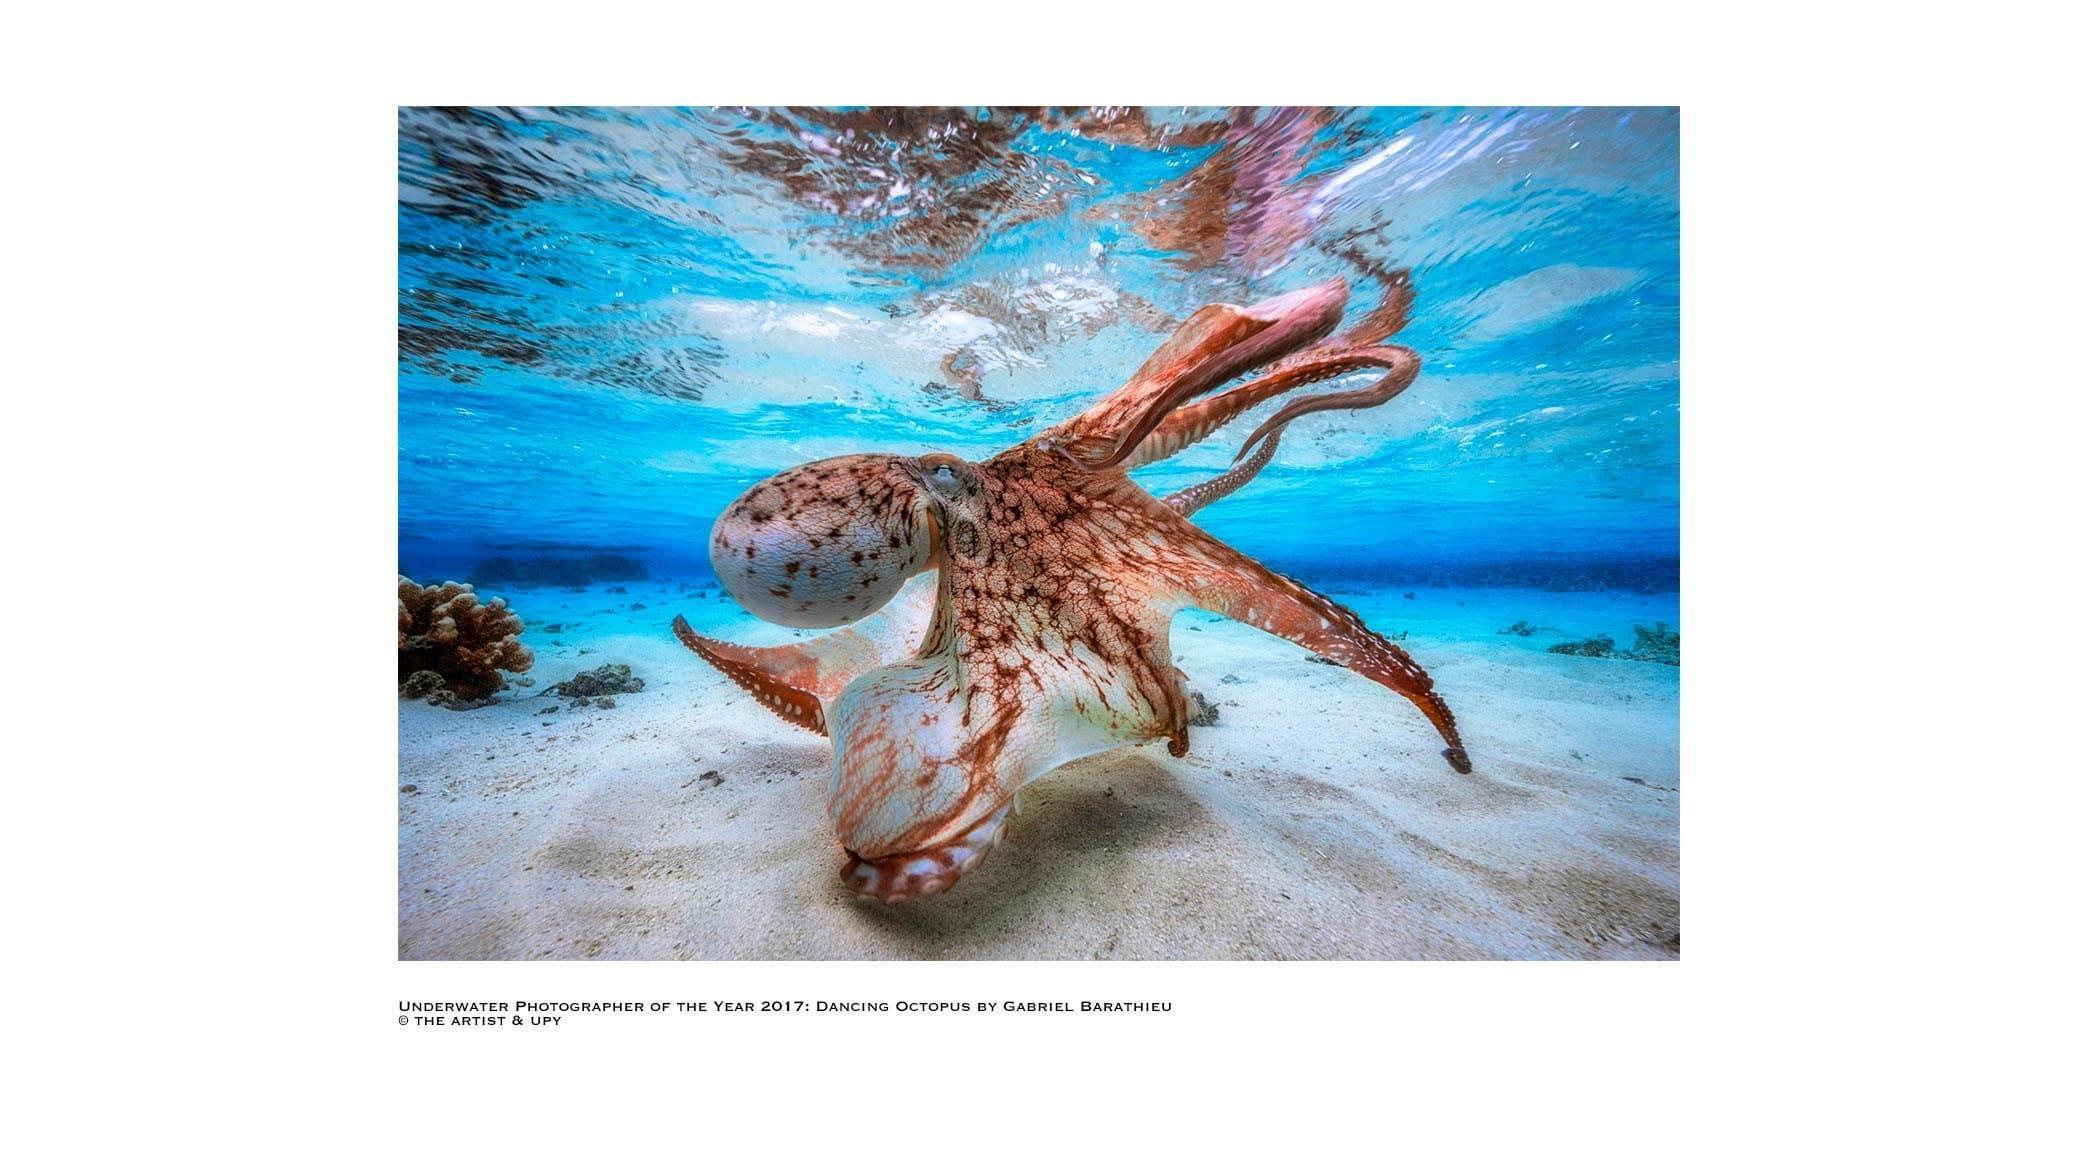 original_01-Underwater-Photographer-Year-2017.jpg